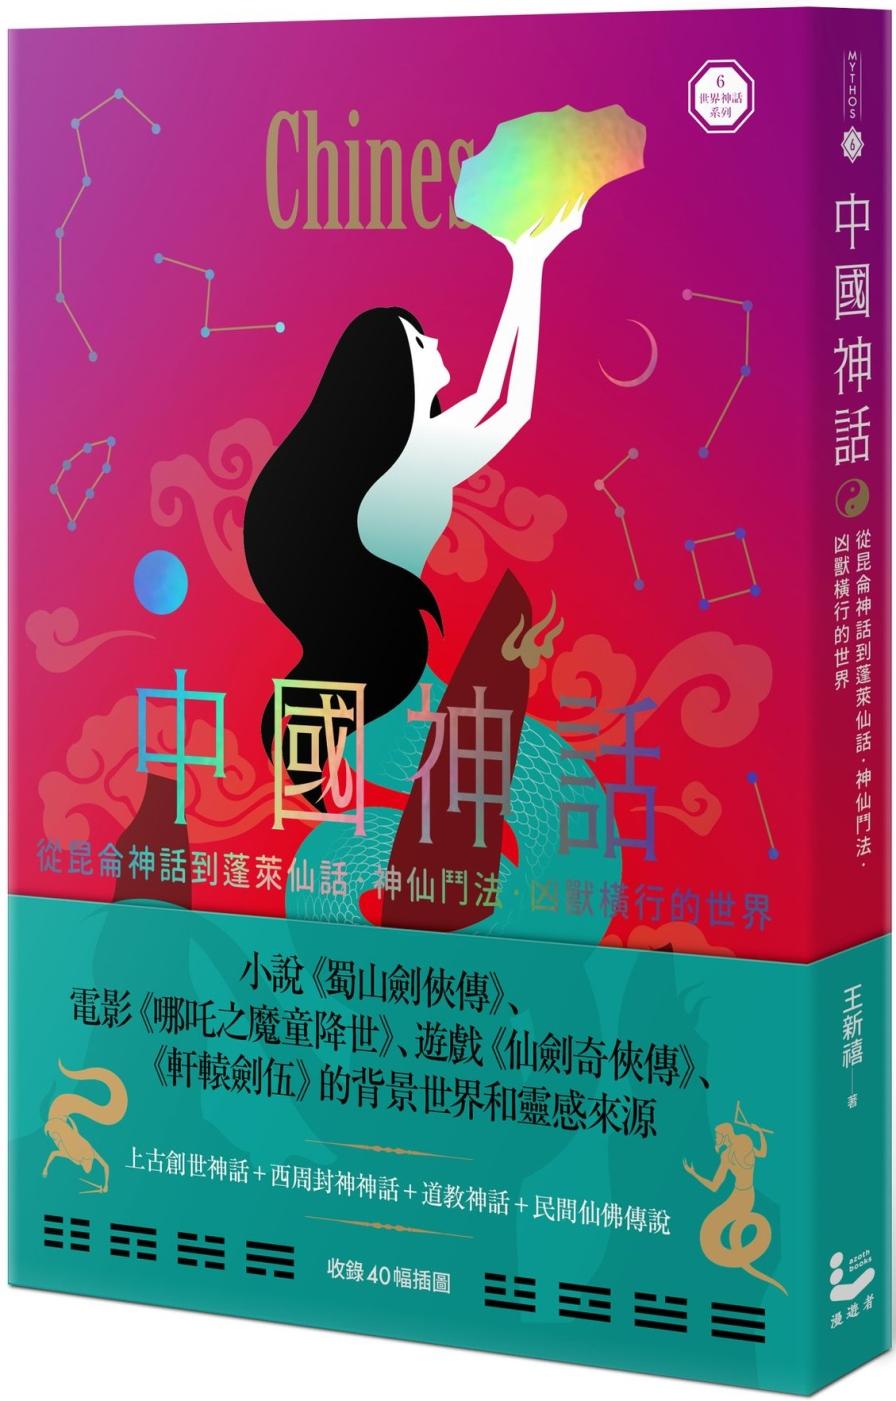 中國神話:從崑崙神話到蓬萊仙話...